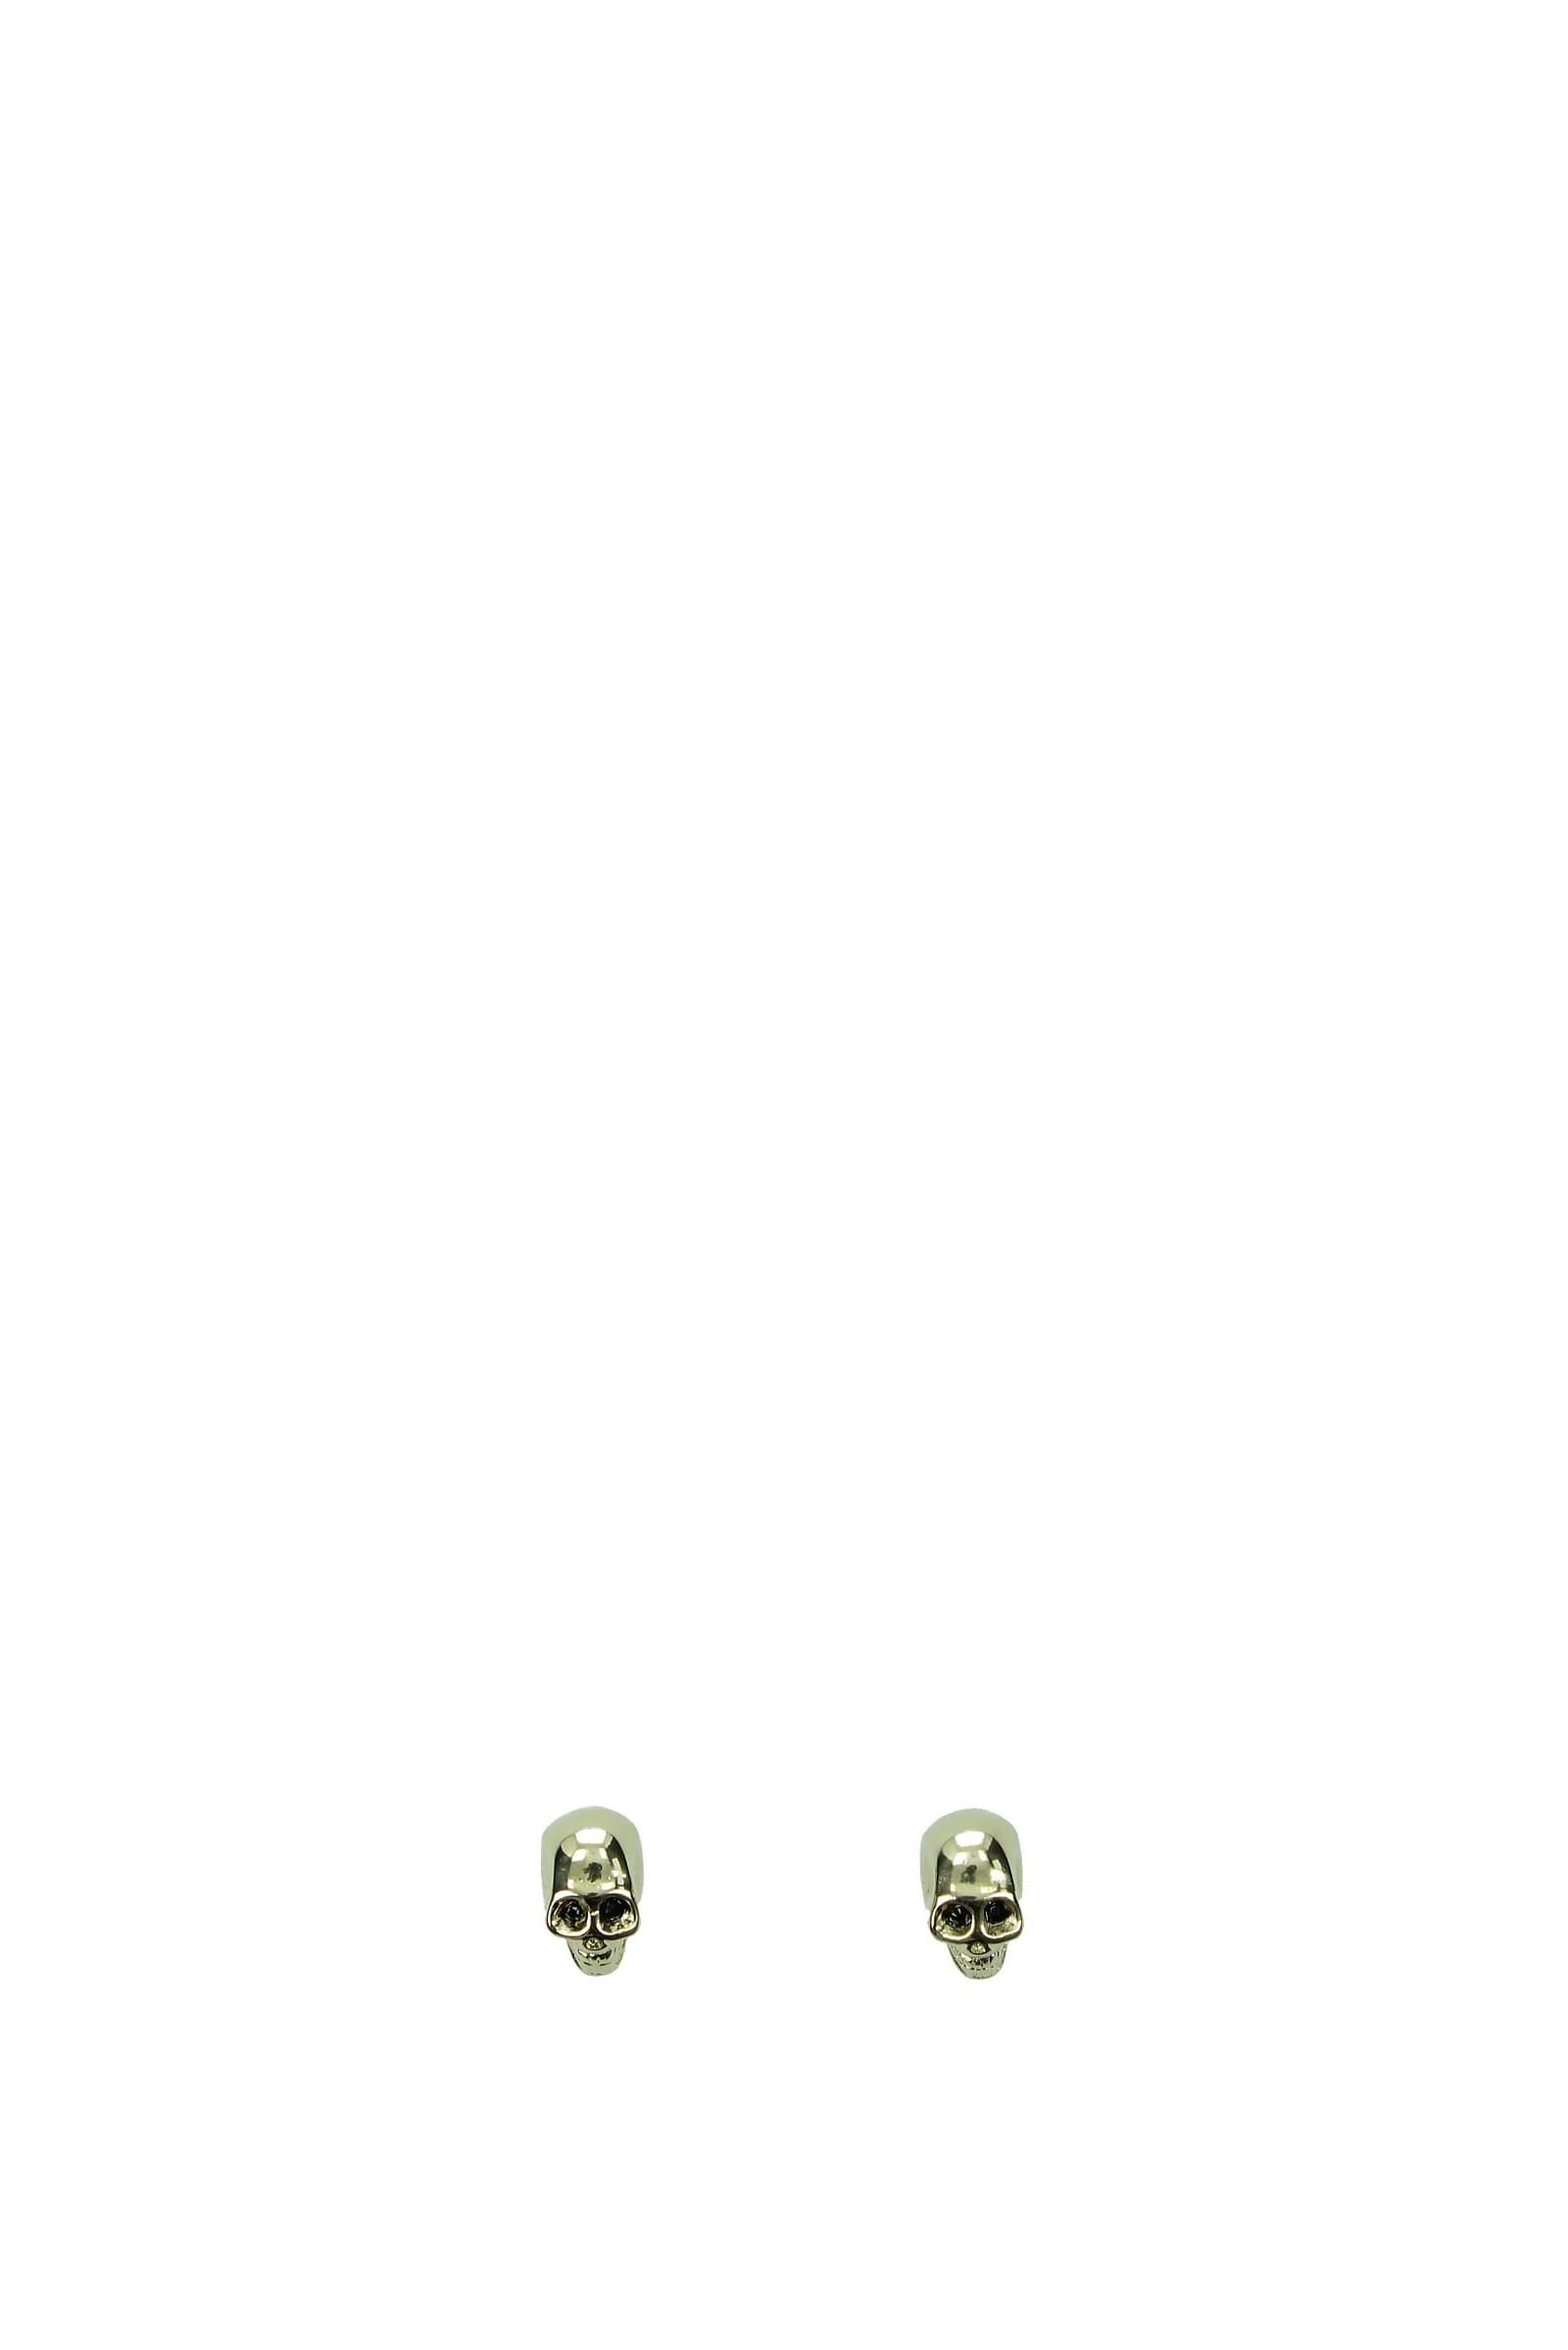 Orecchini-Givenchy-Donna-Ottone-BF03172903